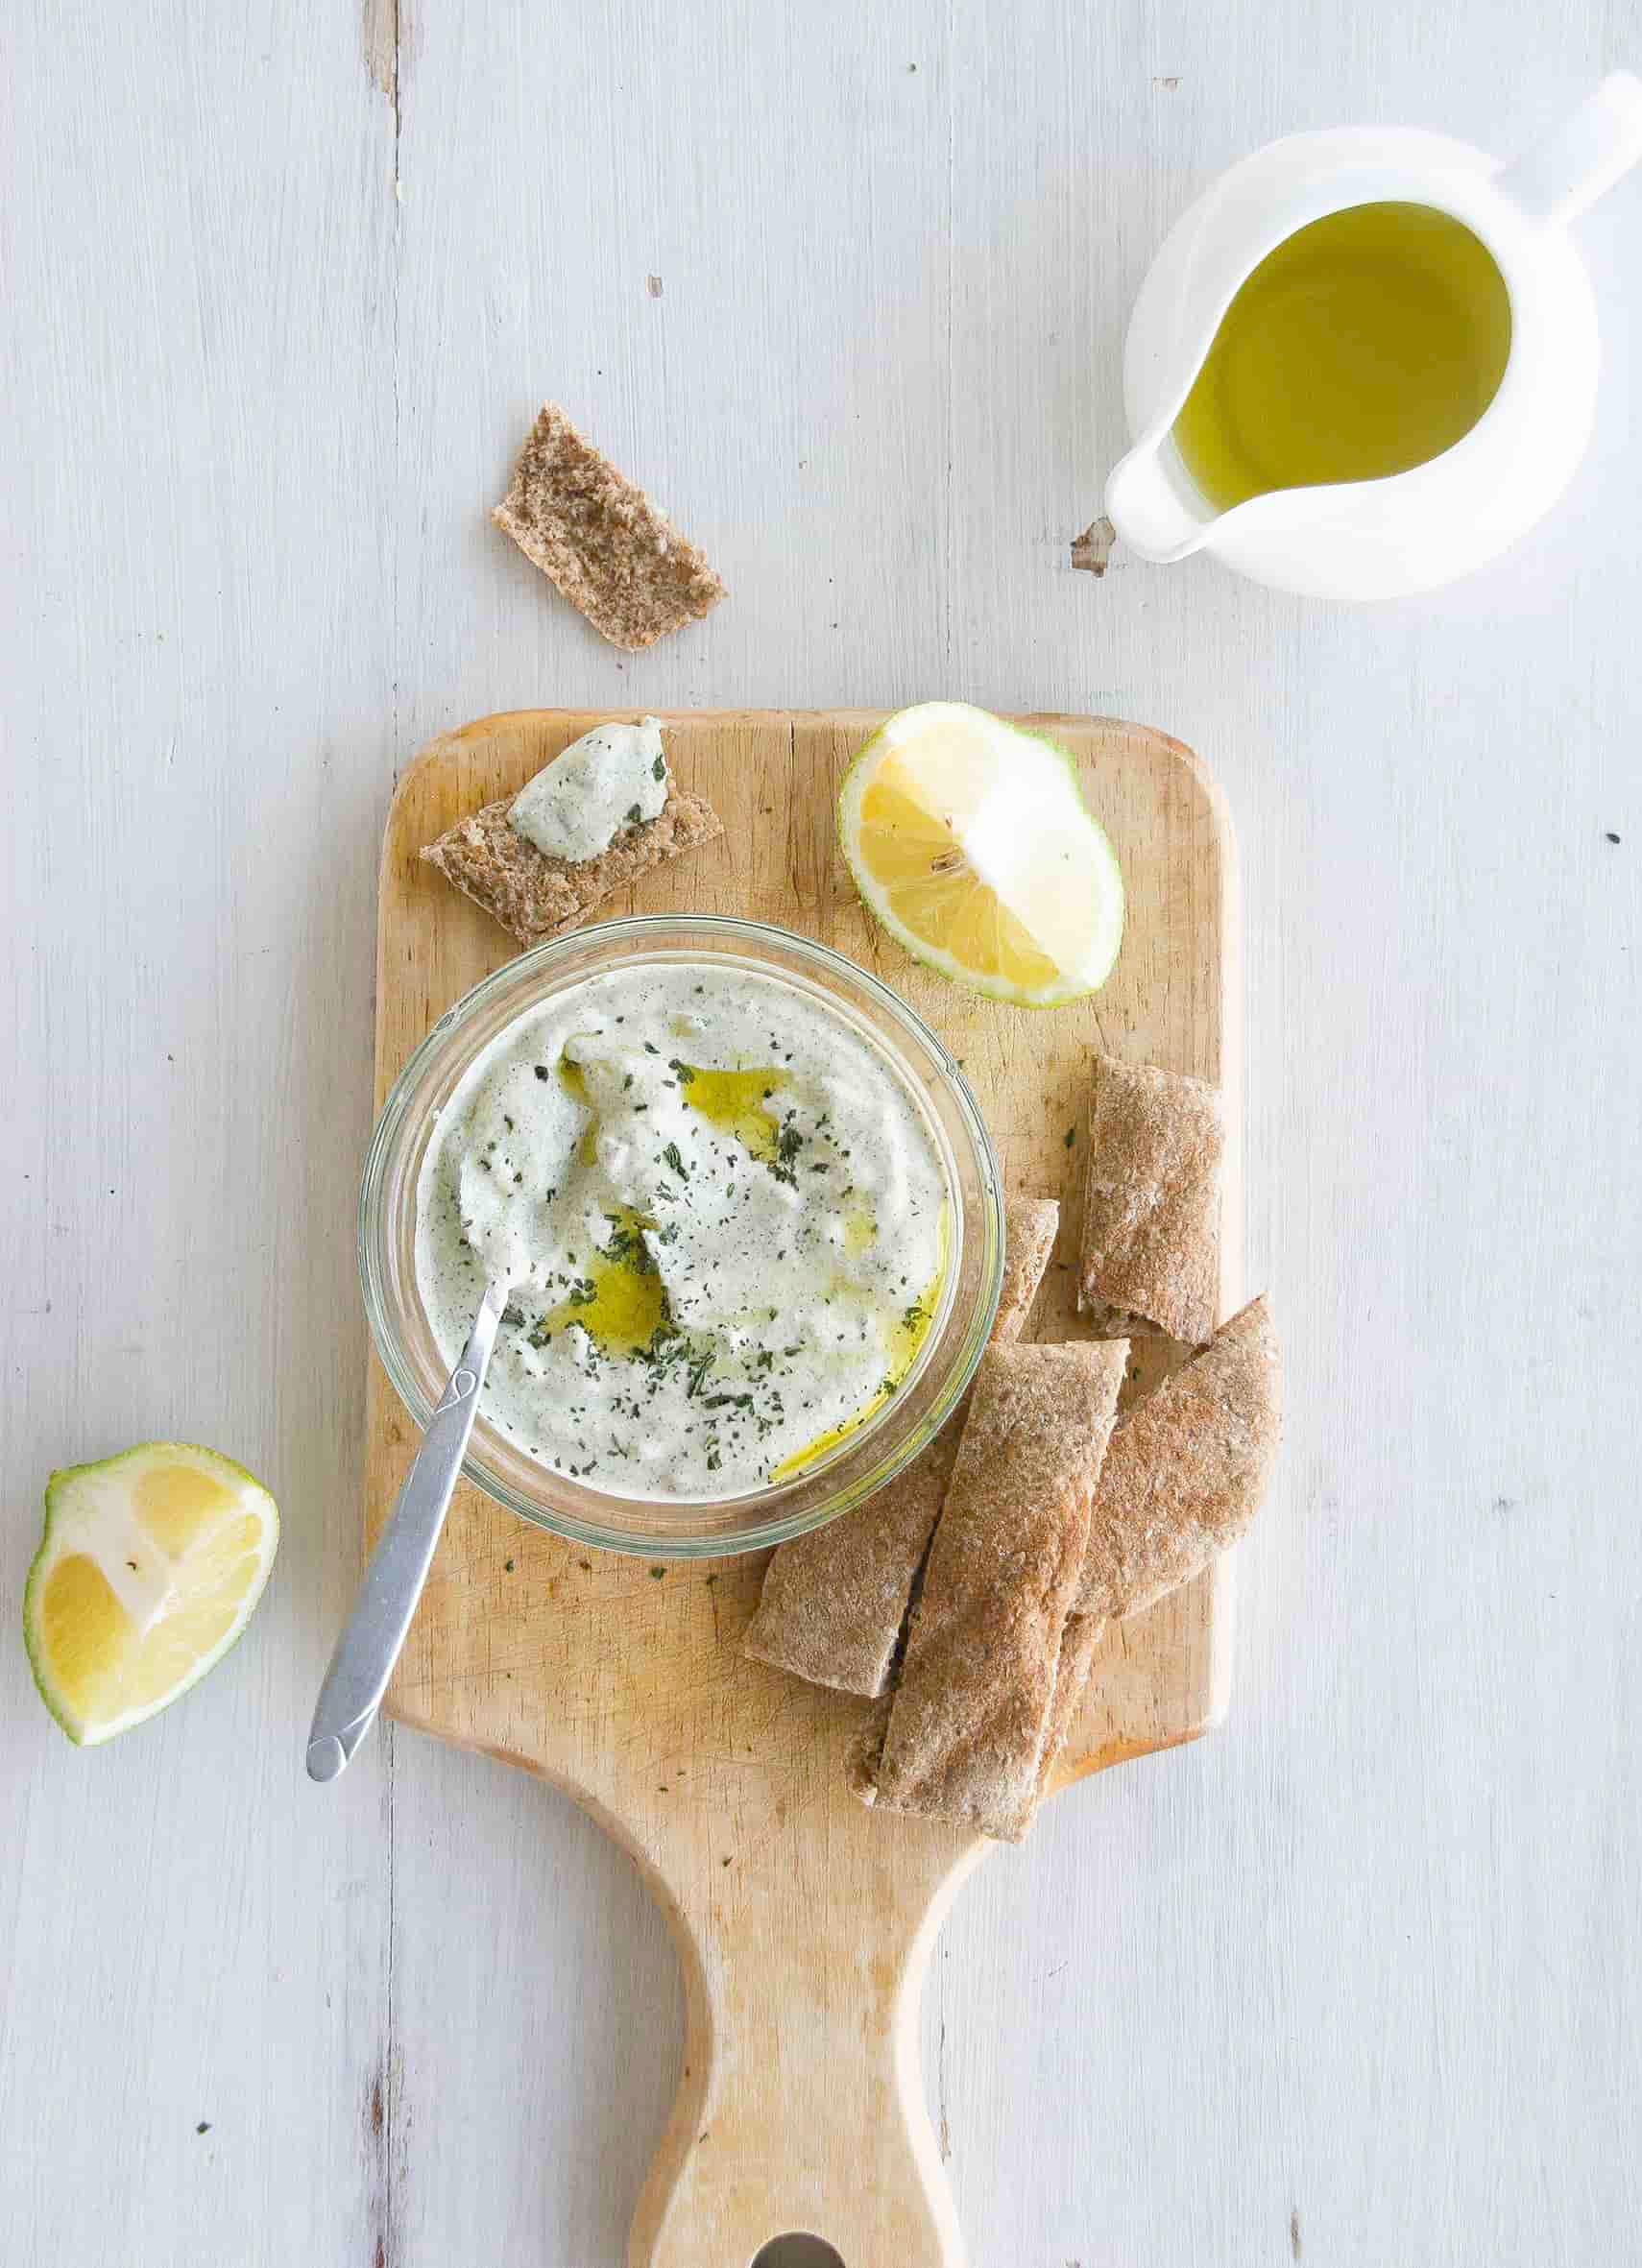 Vegan-tzatziki-dip-recipe-starters-sides-1